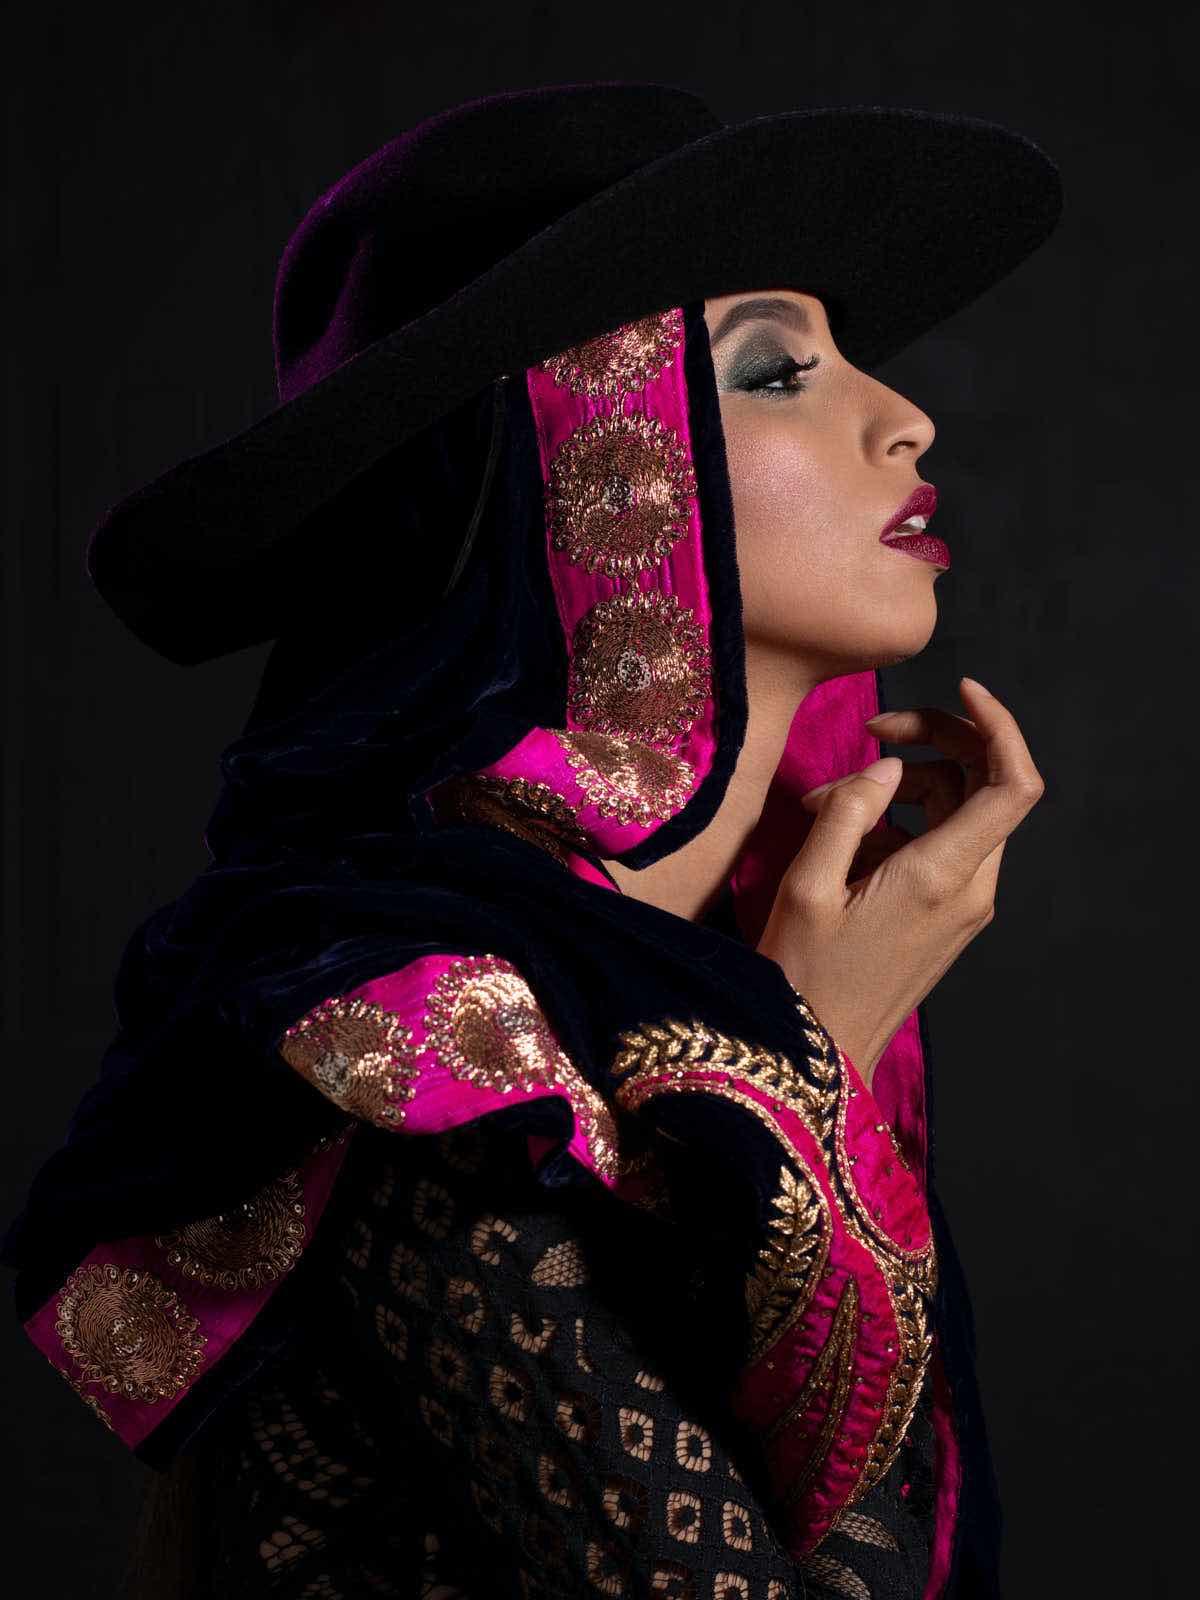 sce-agency-female-model-megan-m-5aaa